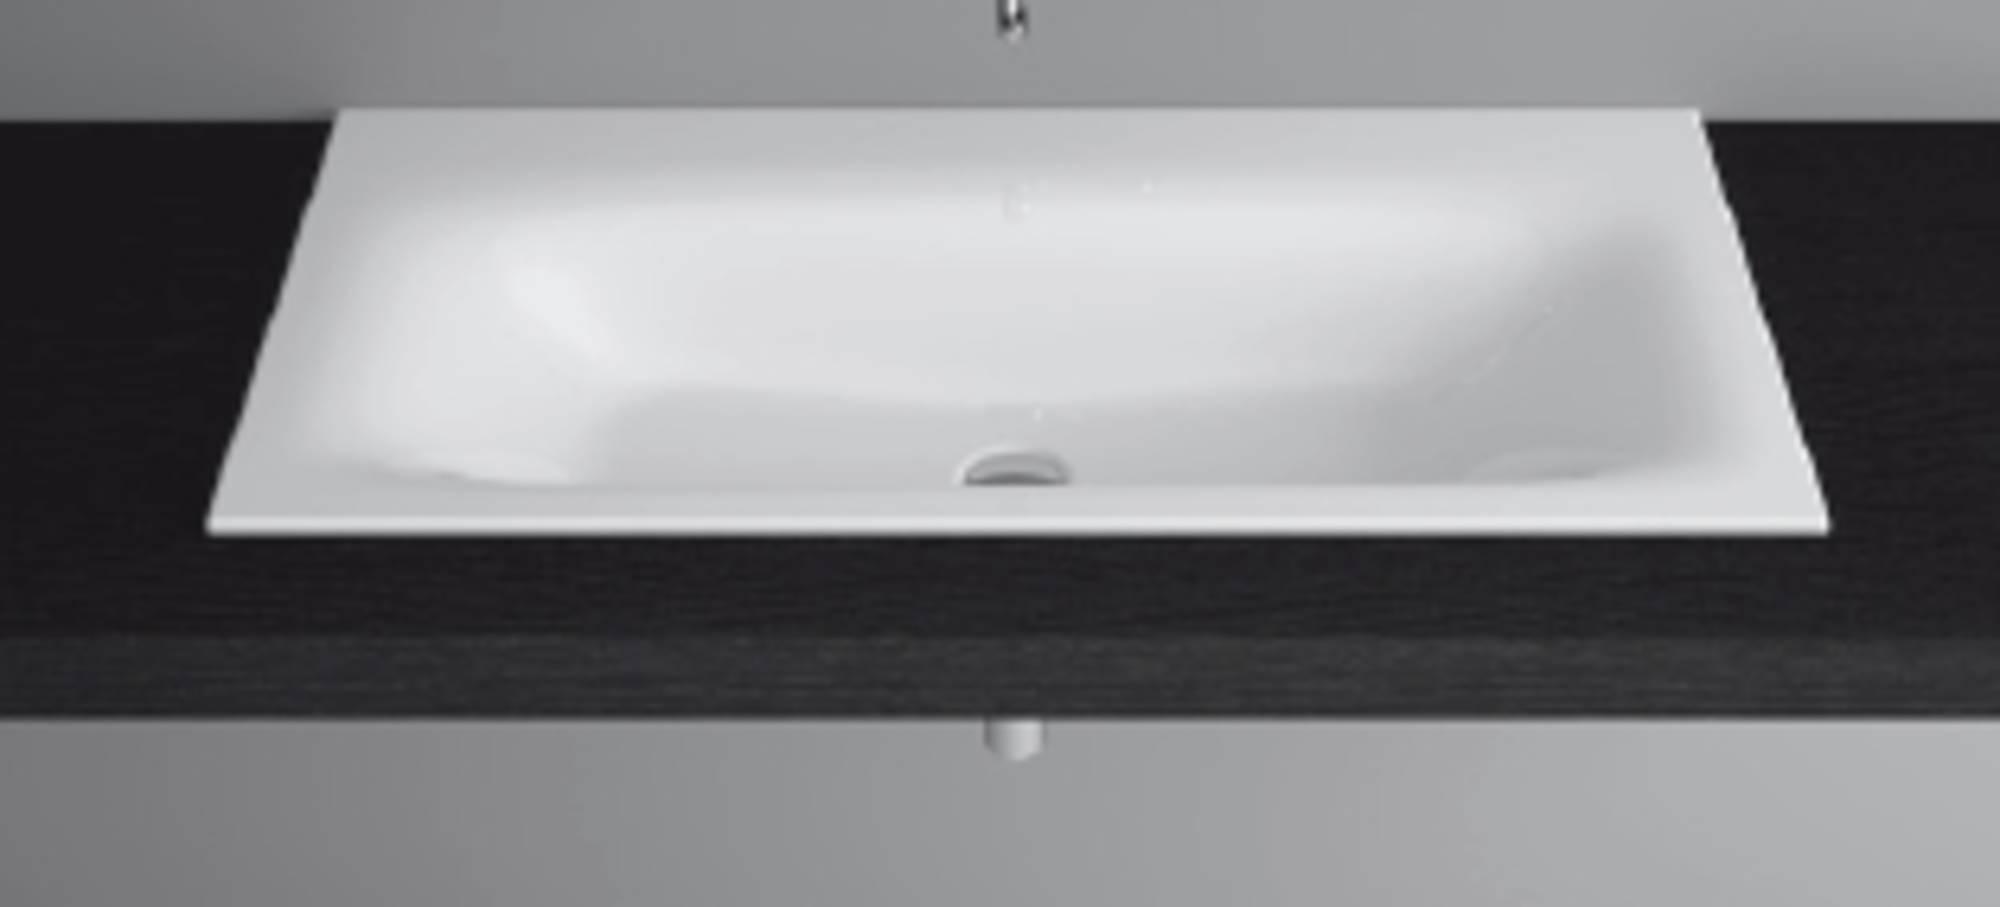 Bette Lux inbouw wastafel 100x475x1 cm zonder kraangat Wit